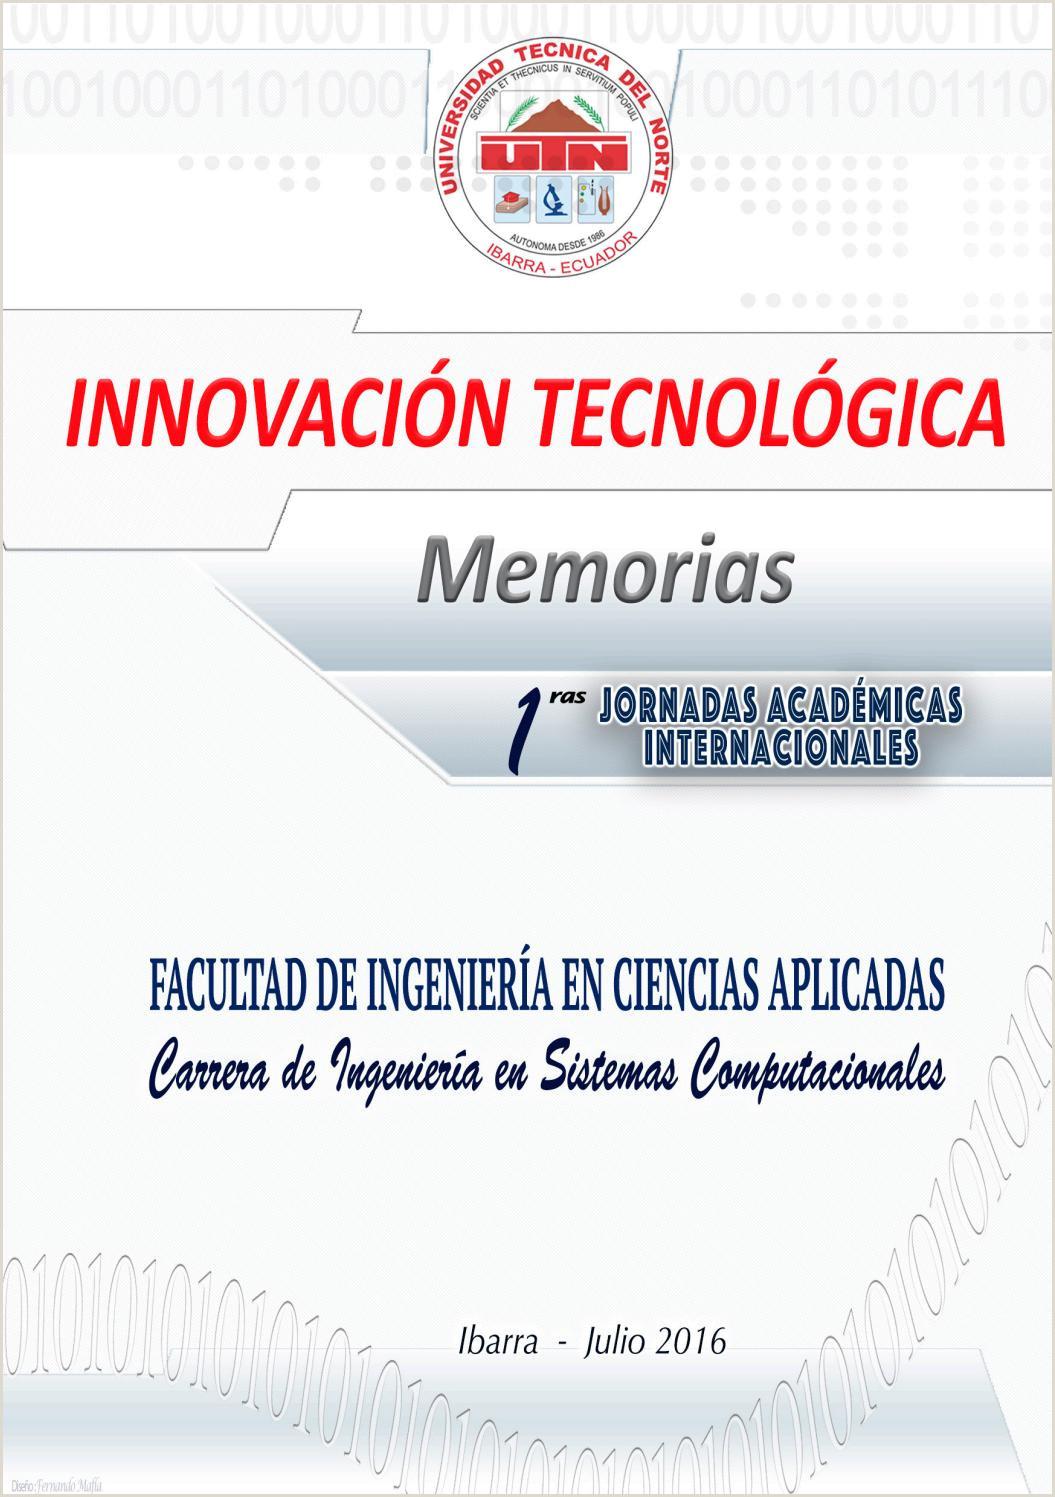 Formato De Hoja De Vida Ingeniero Ebook Innovaci³n Tecnol³gica Cisic by Editorial Universidad